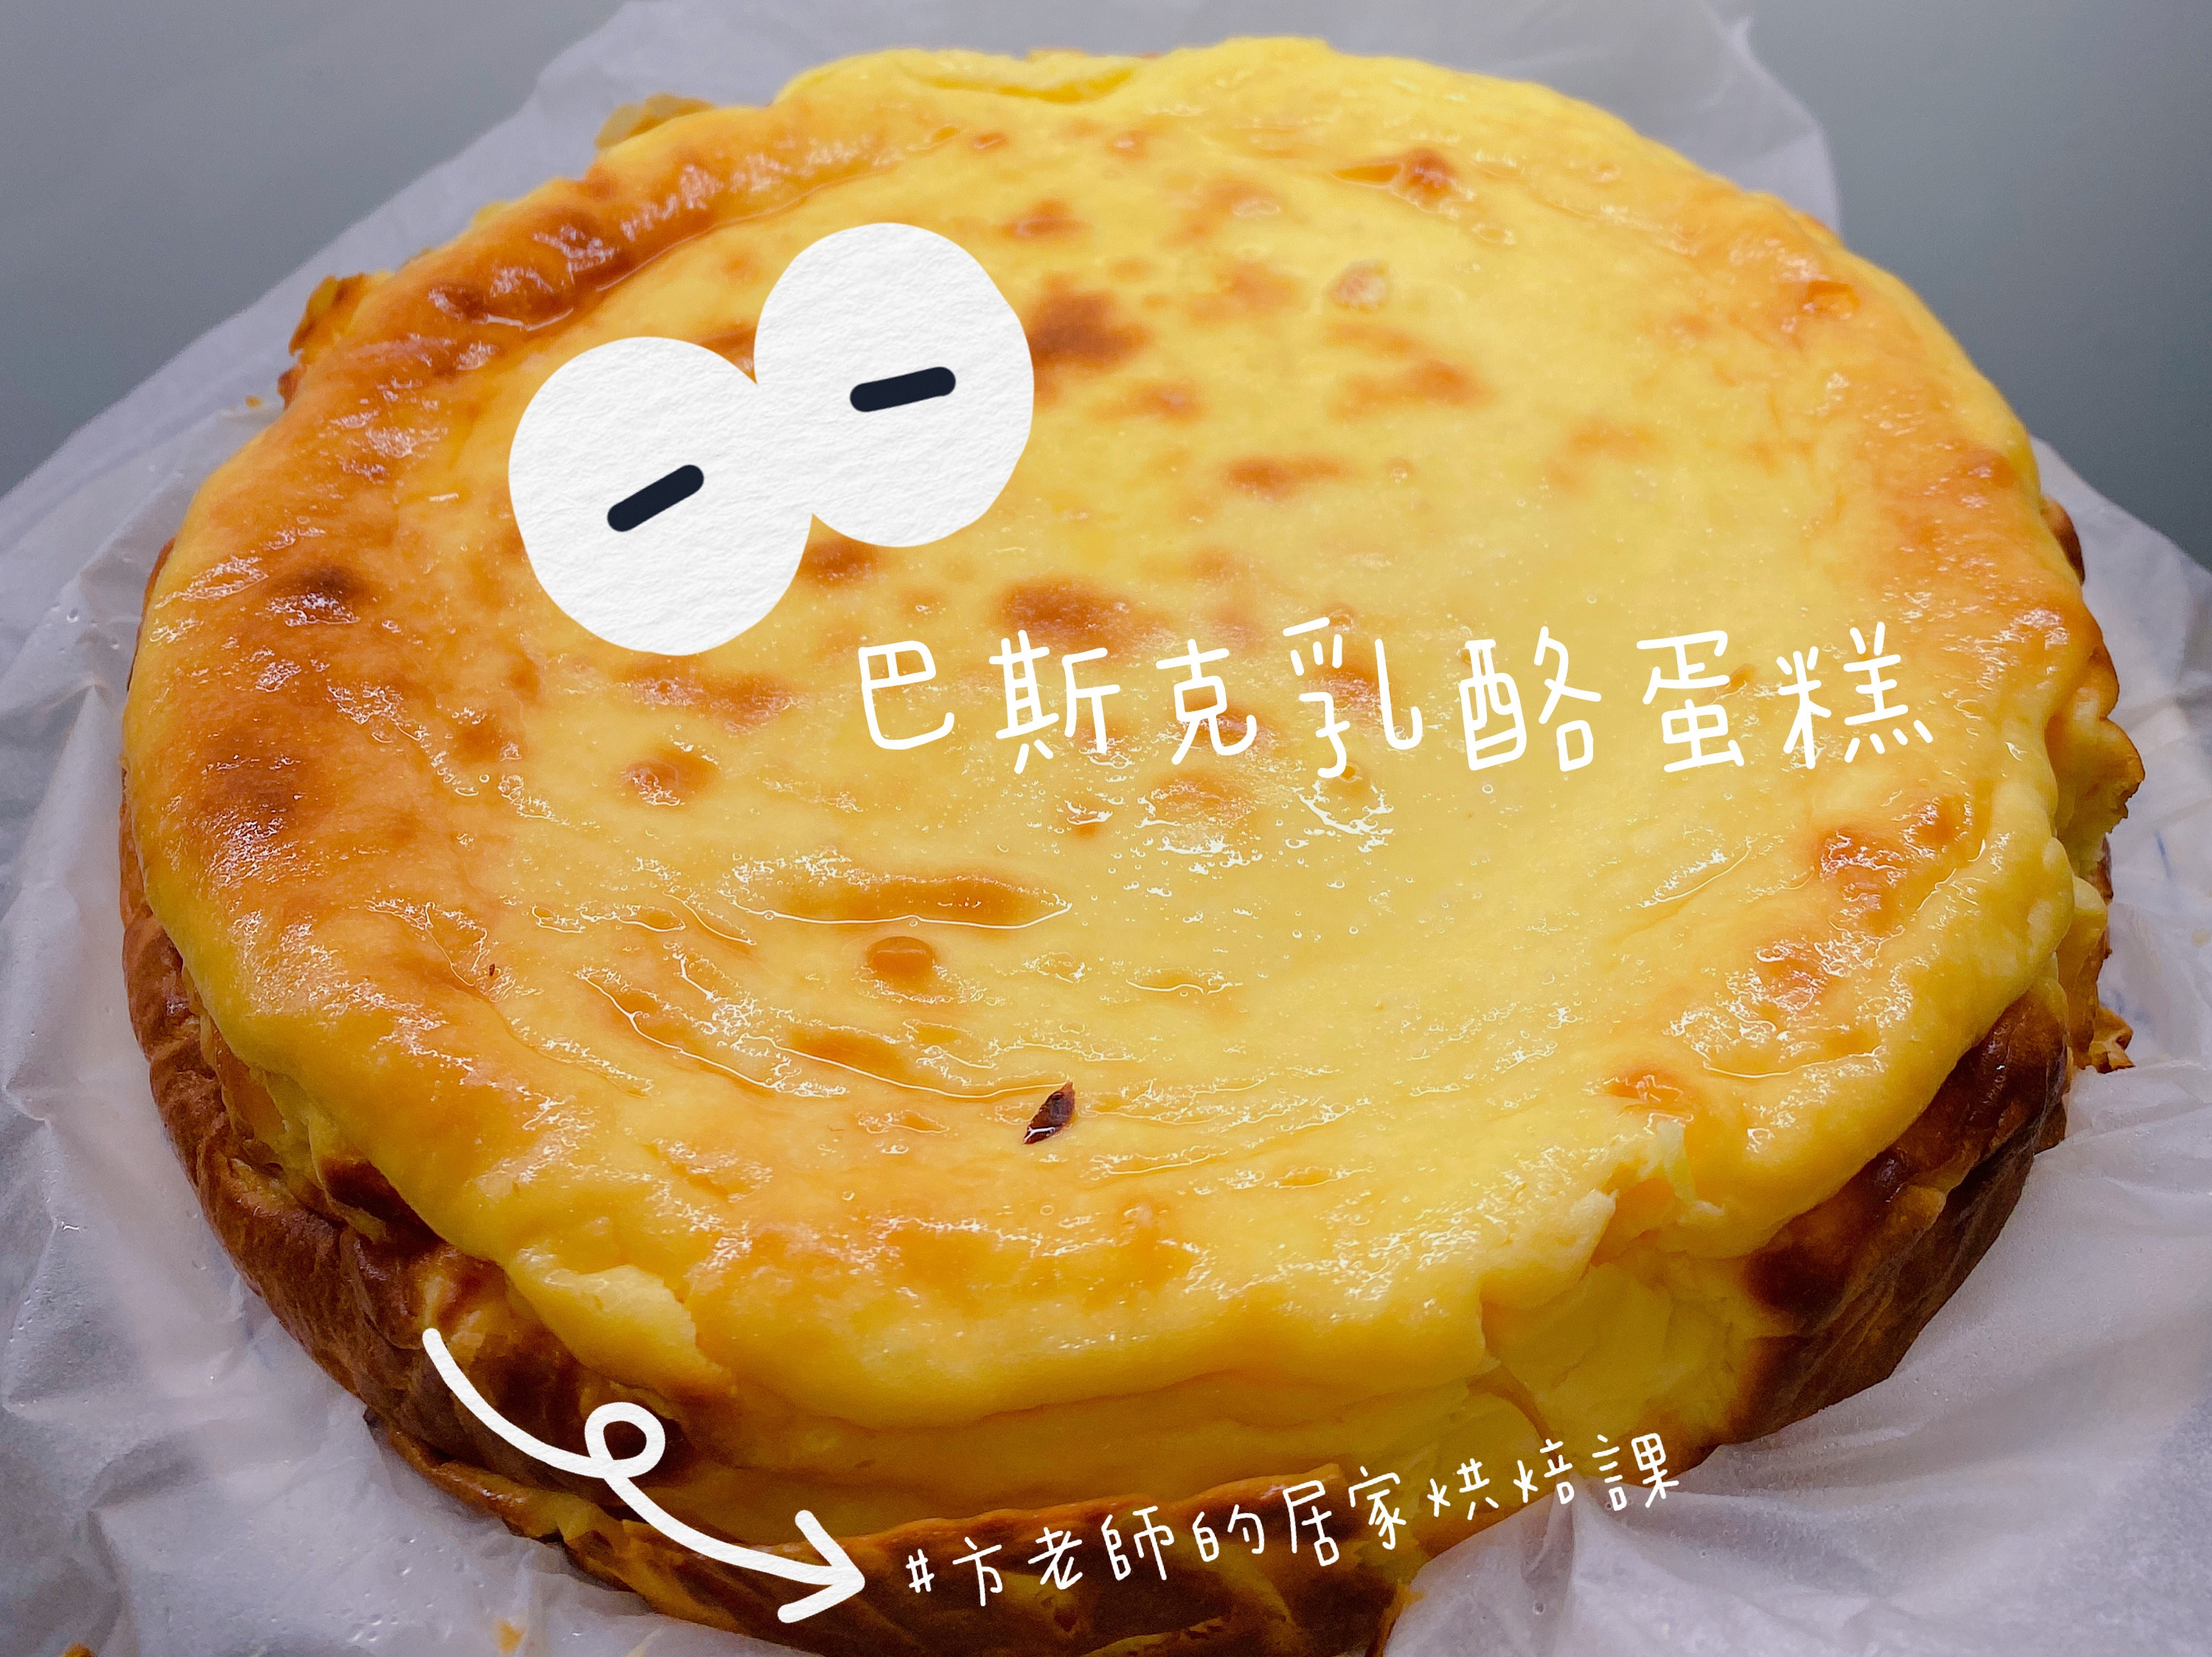 防疫期間居家手作-超簡單巴斯克乳酪蛋糕